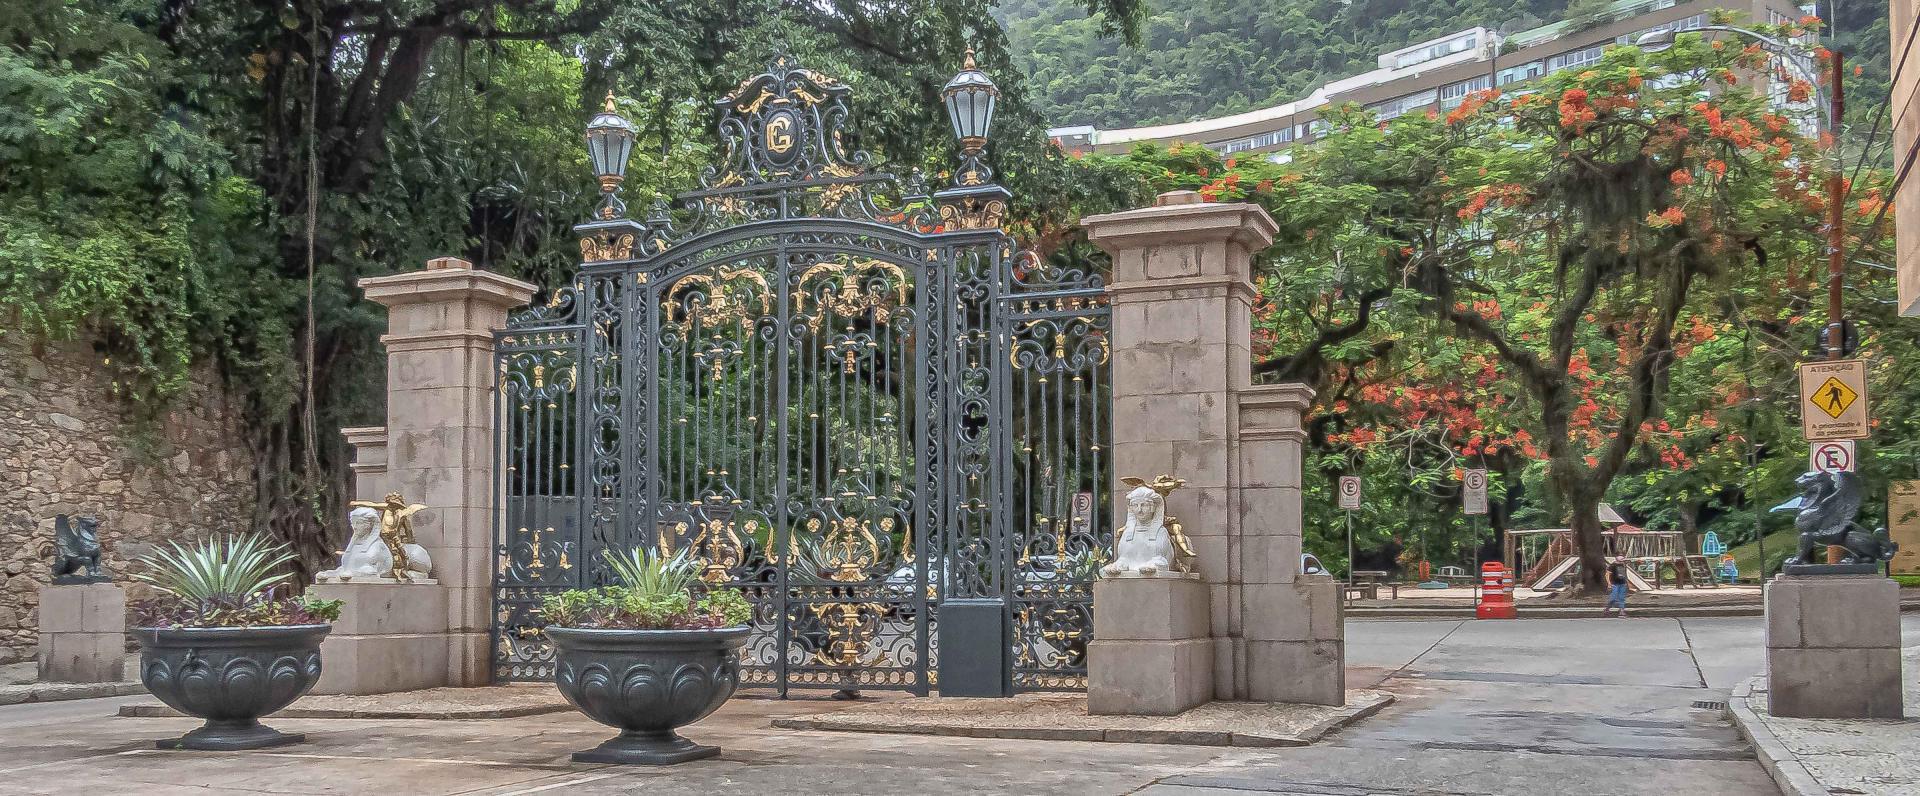 Portão do Parque Guinle é restaurado